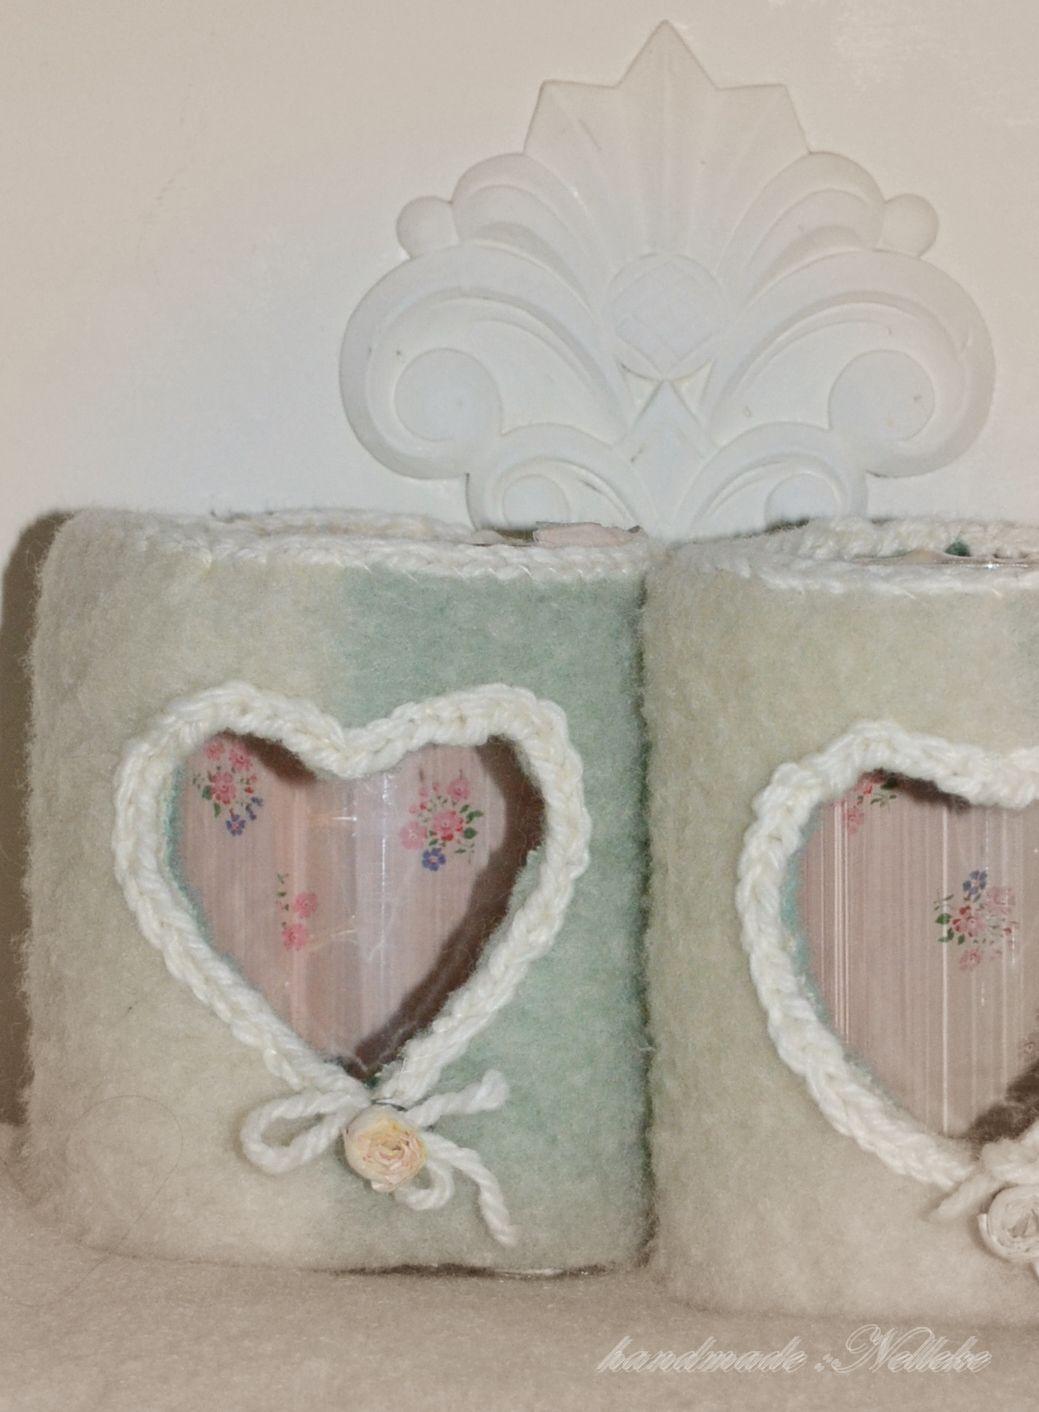 wax houders met een jasje van wollen deken en een randje van gehaakt wol  handmade by Nelleke